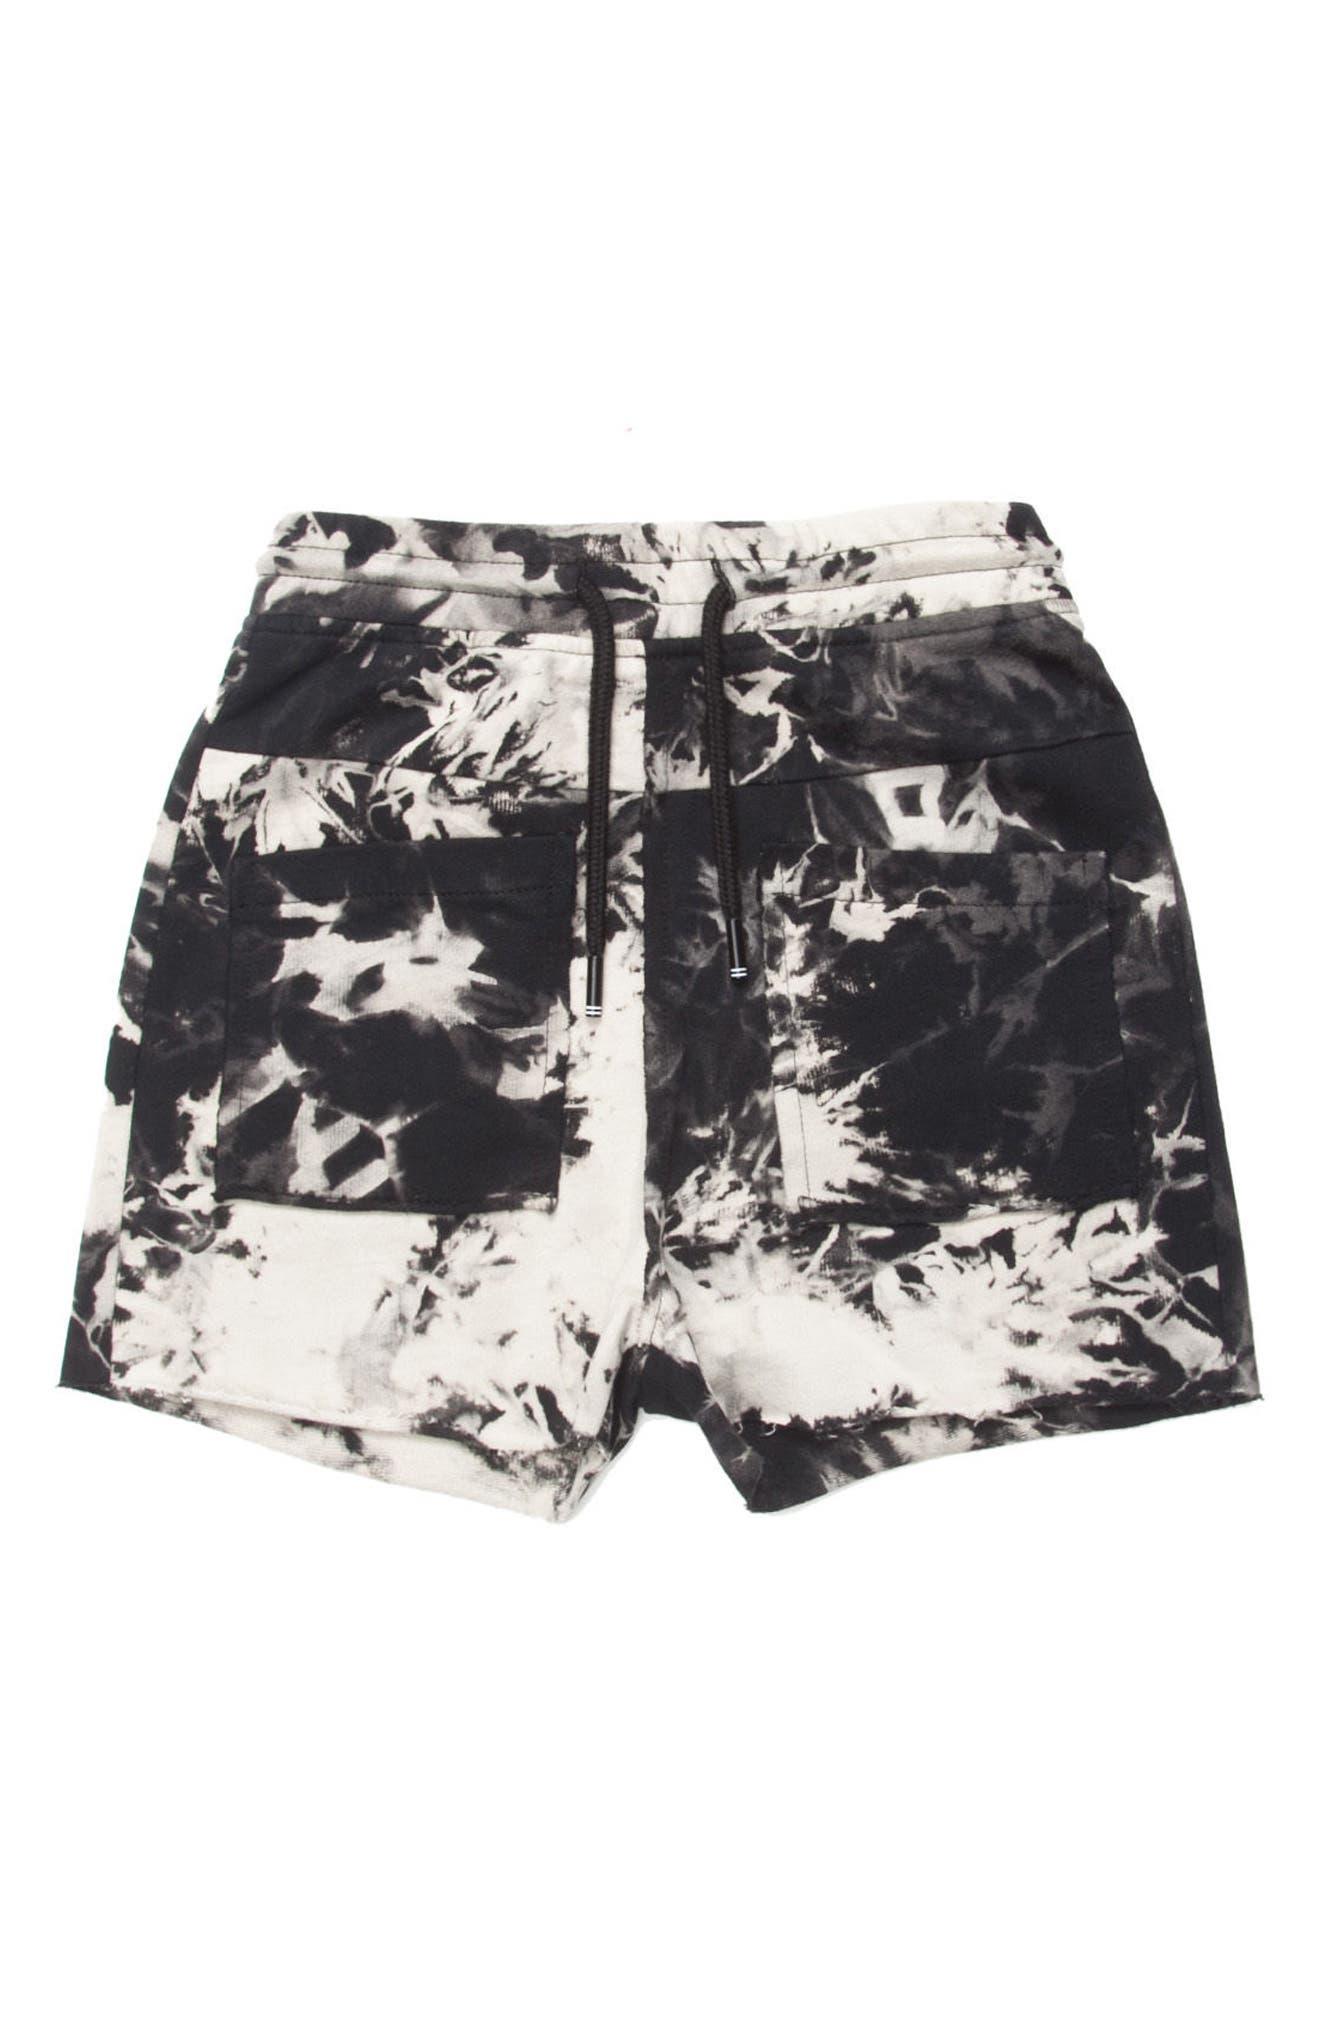 Reese Print Shorts,                         Main,                         color, Black